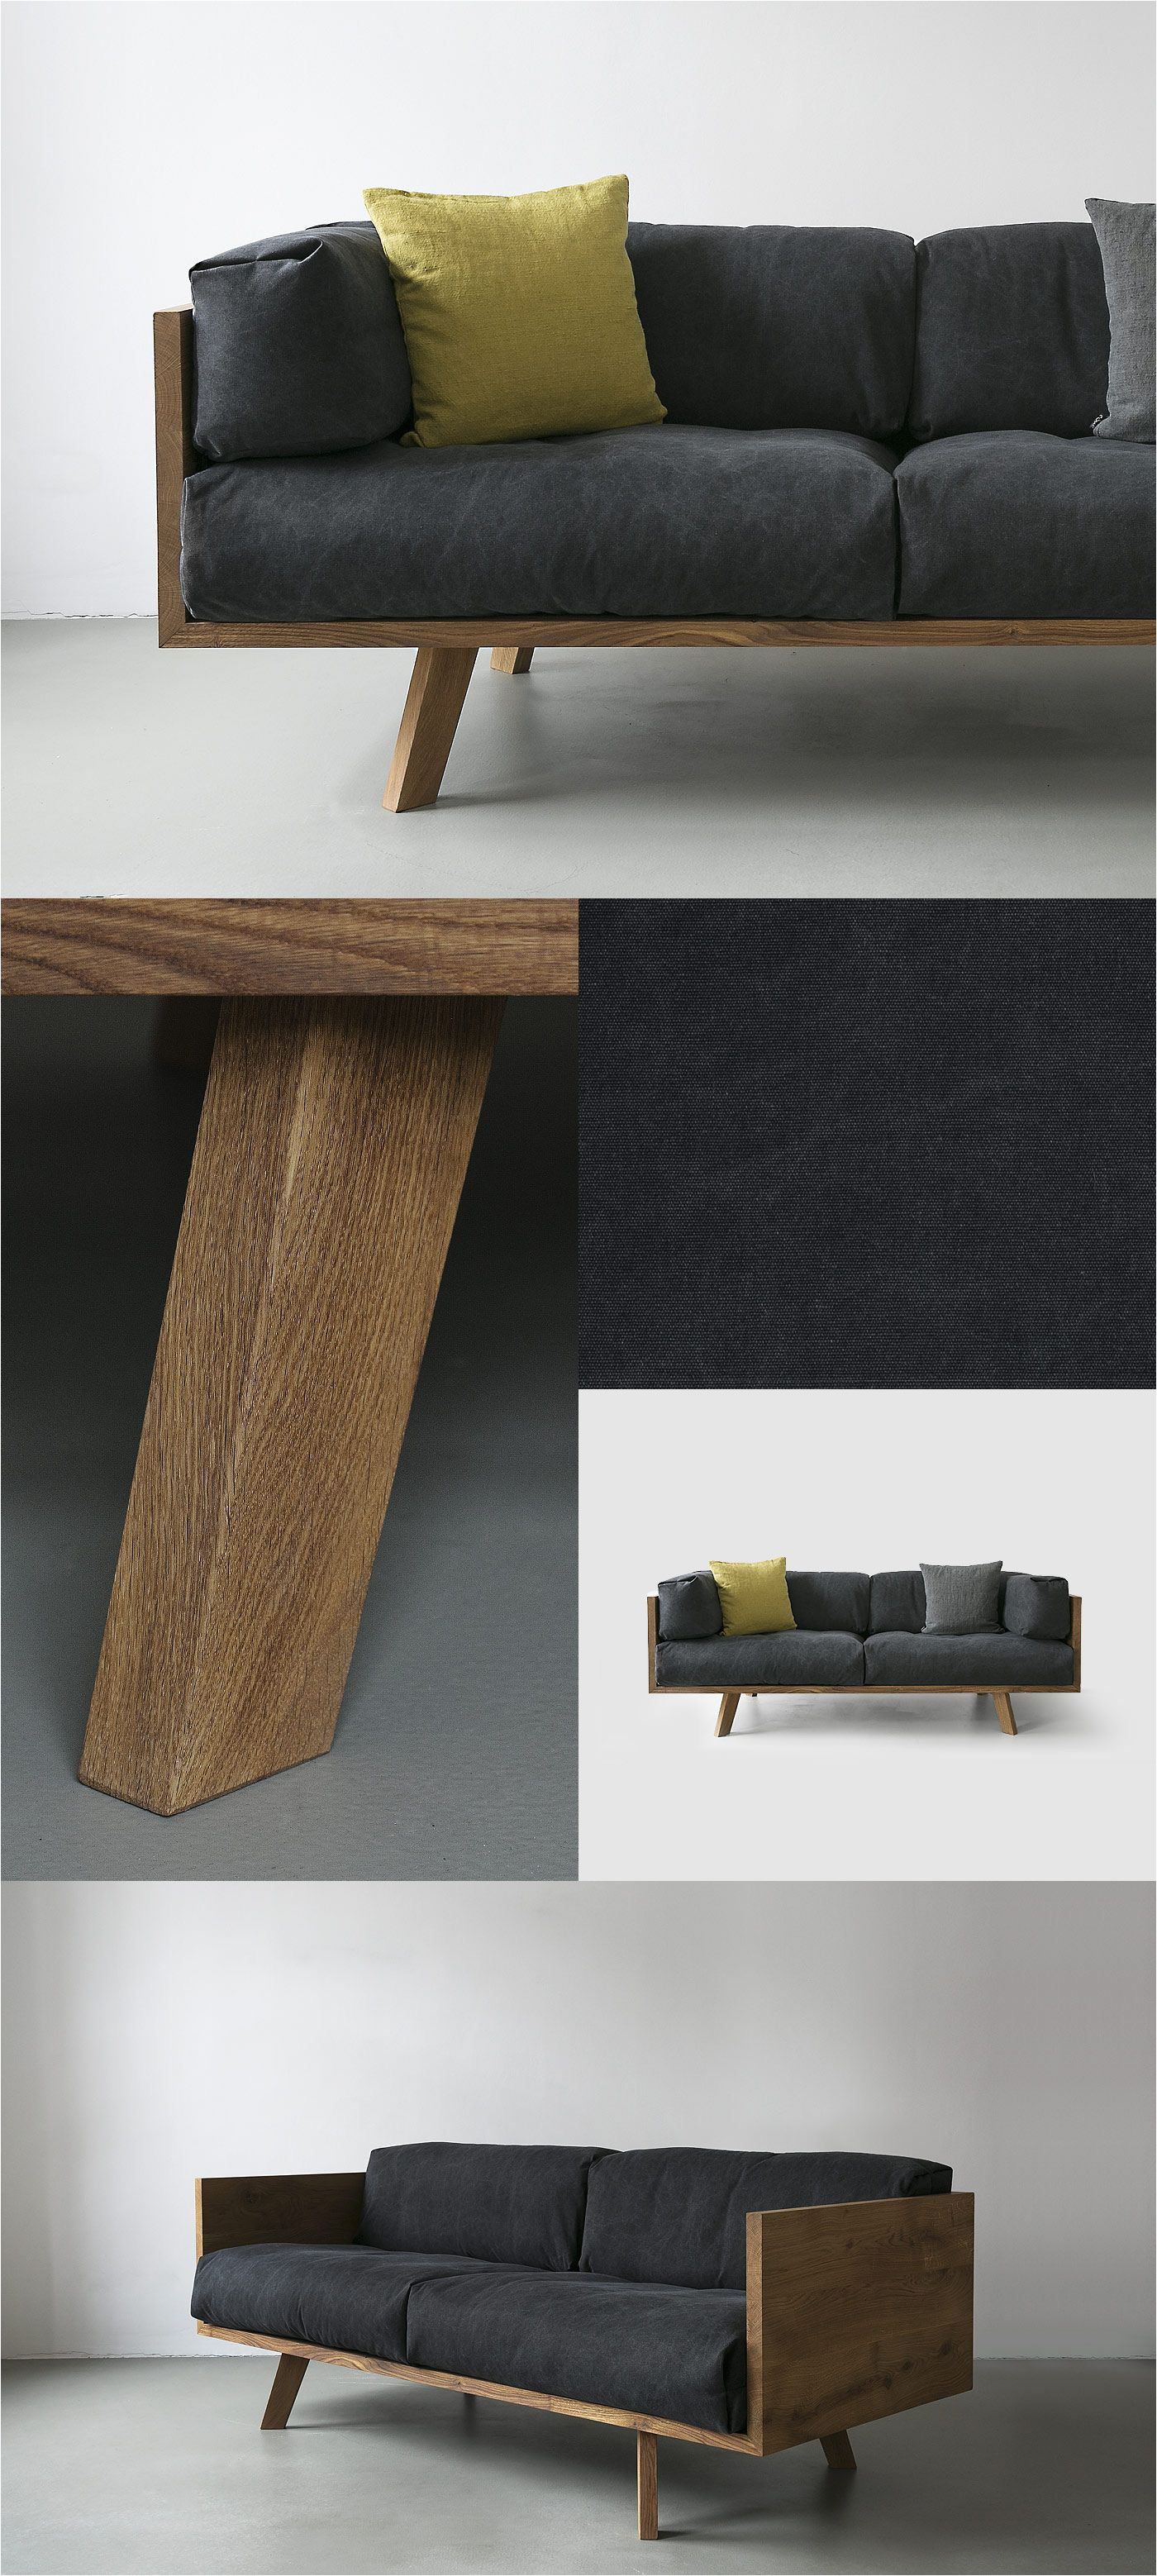 Diy Sectional sofa Frame Plans Diy Furniture I Mobel Selber Bauen I Couch sofa Daybed I Inspiration